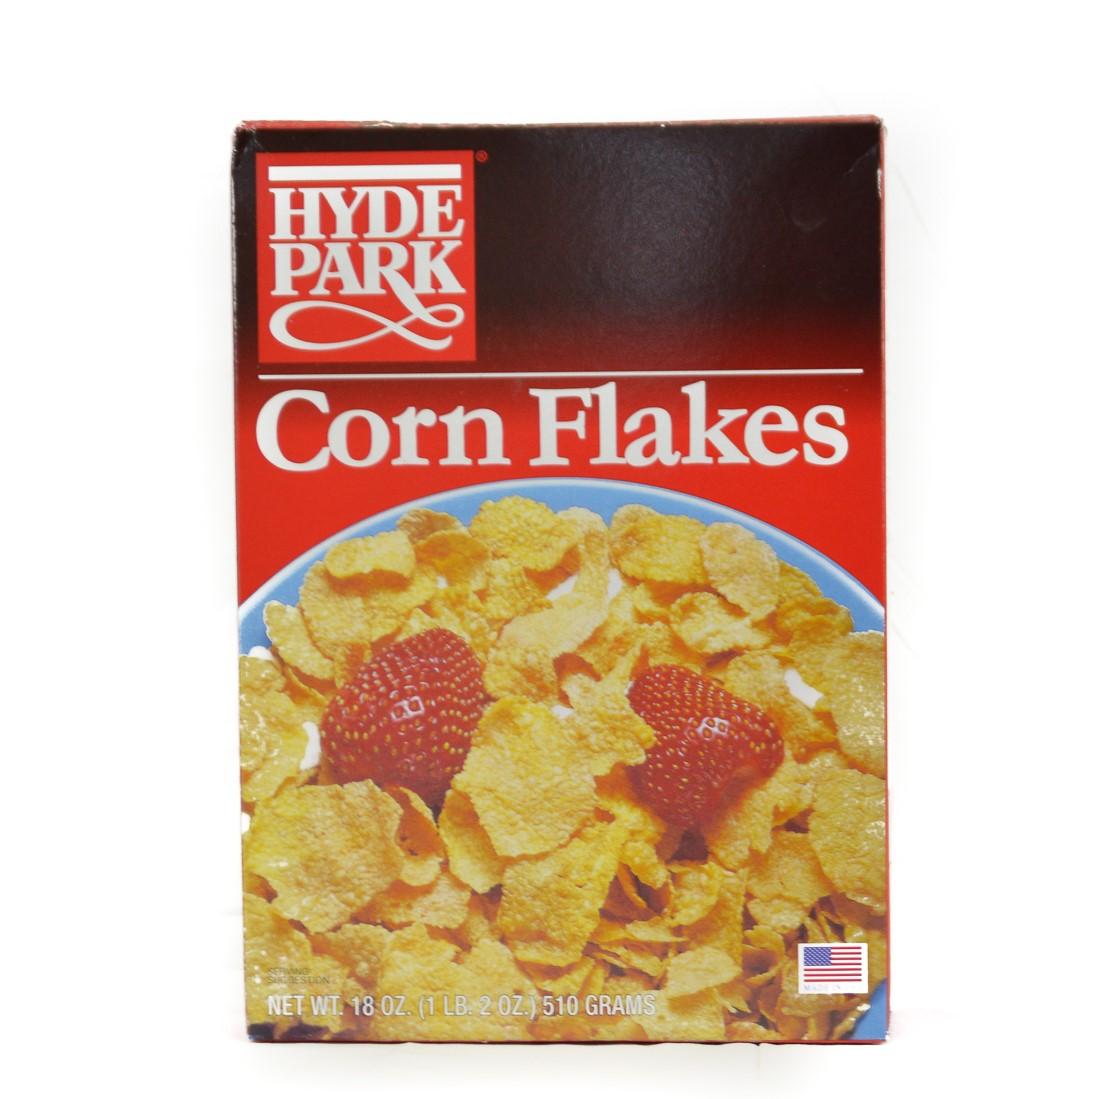 Corn Flakes Hyde Park (6 Boxes)